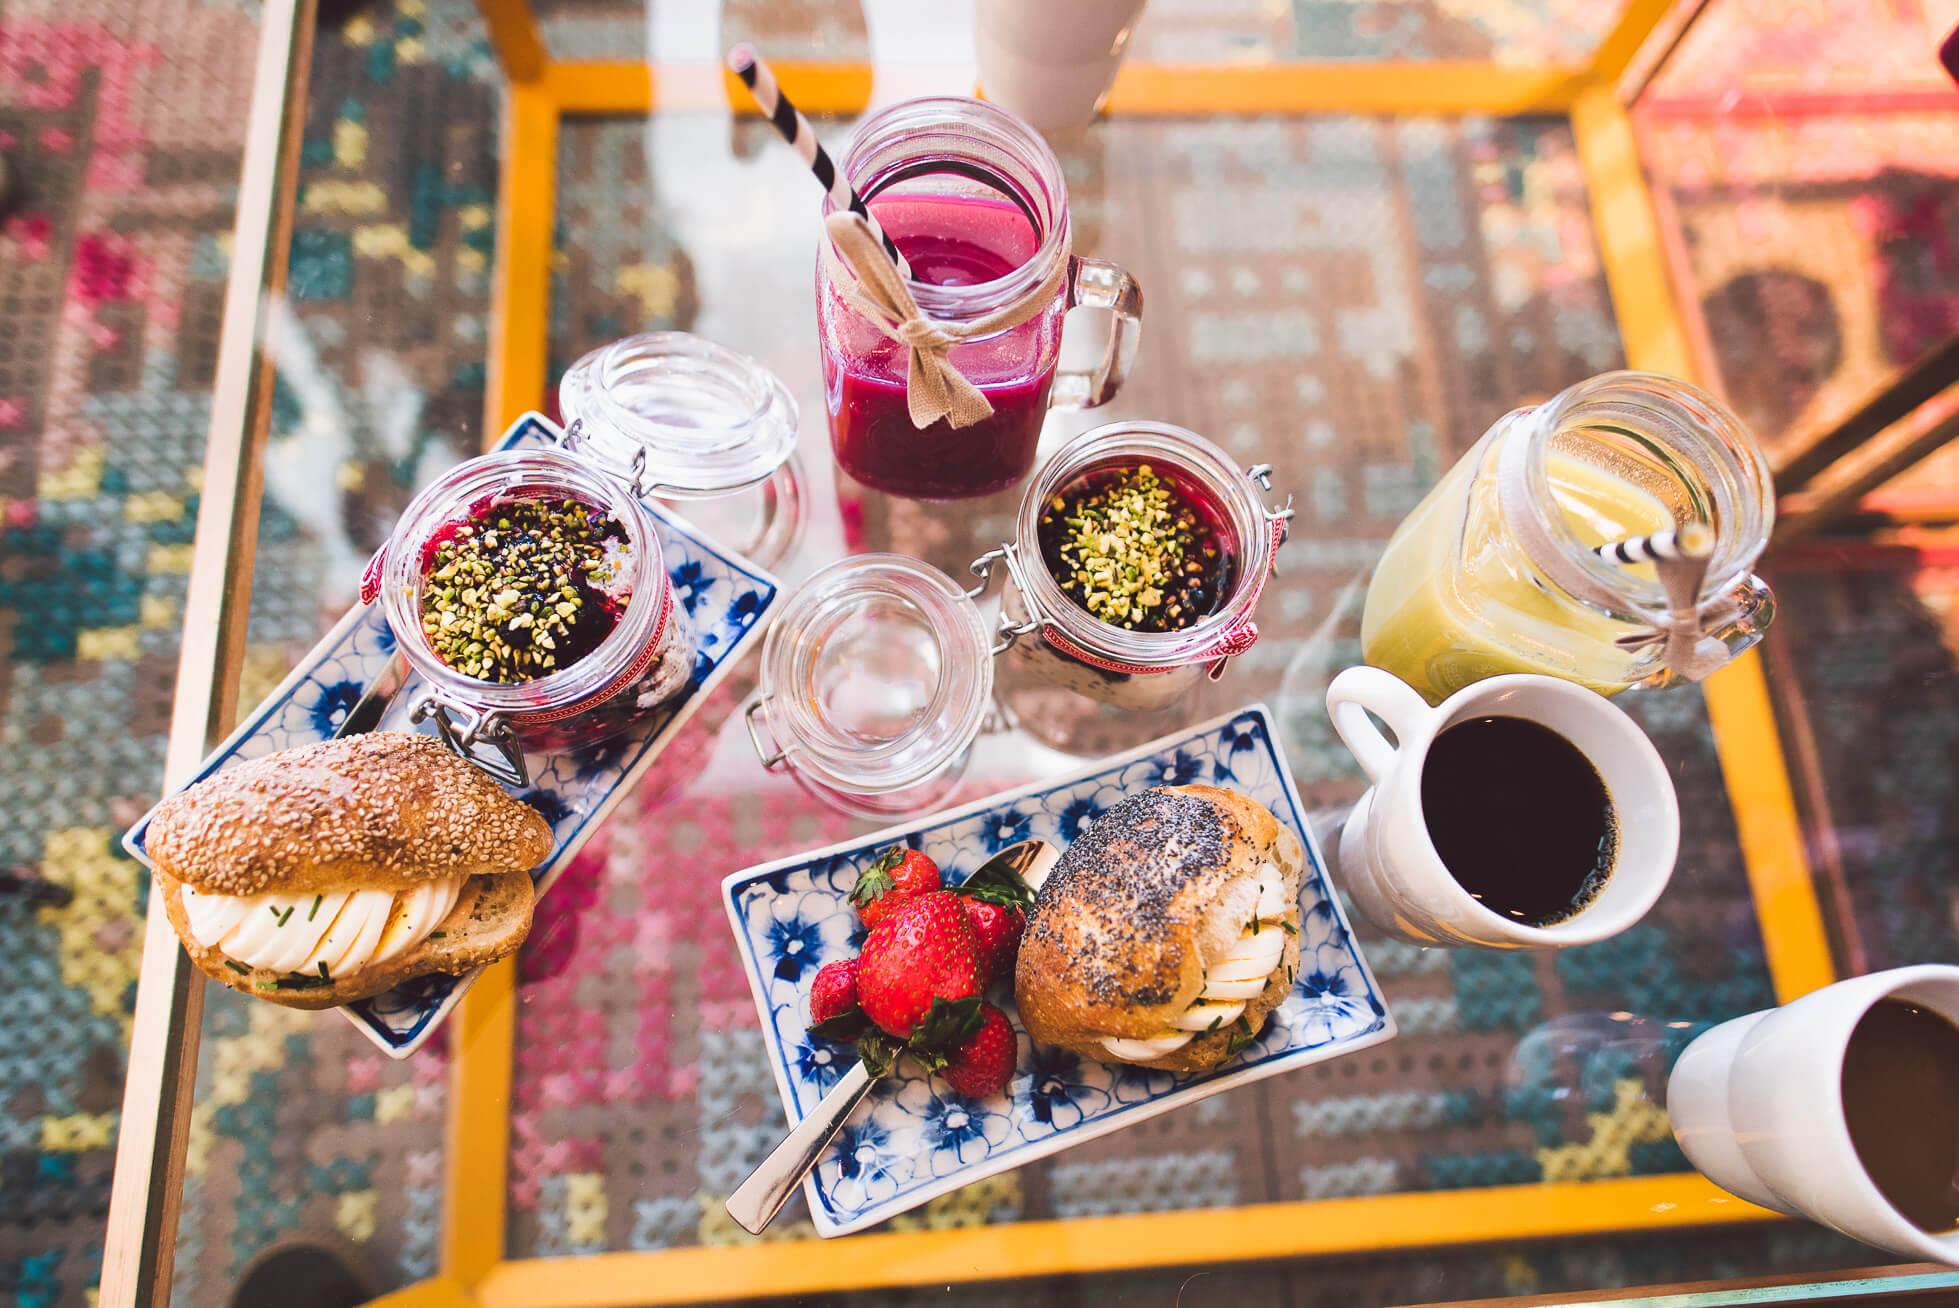 janni-deler-innocent-breakfast-supersmoothiesDSC_3710